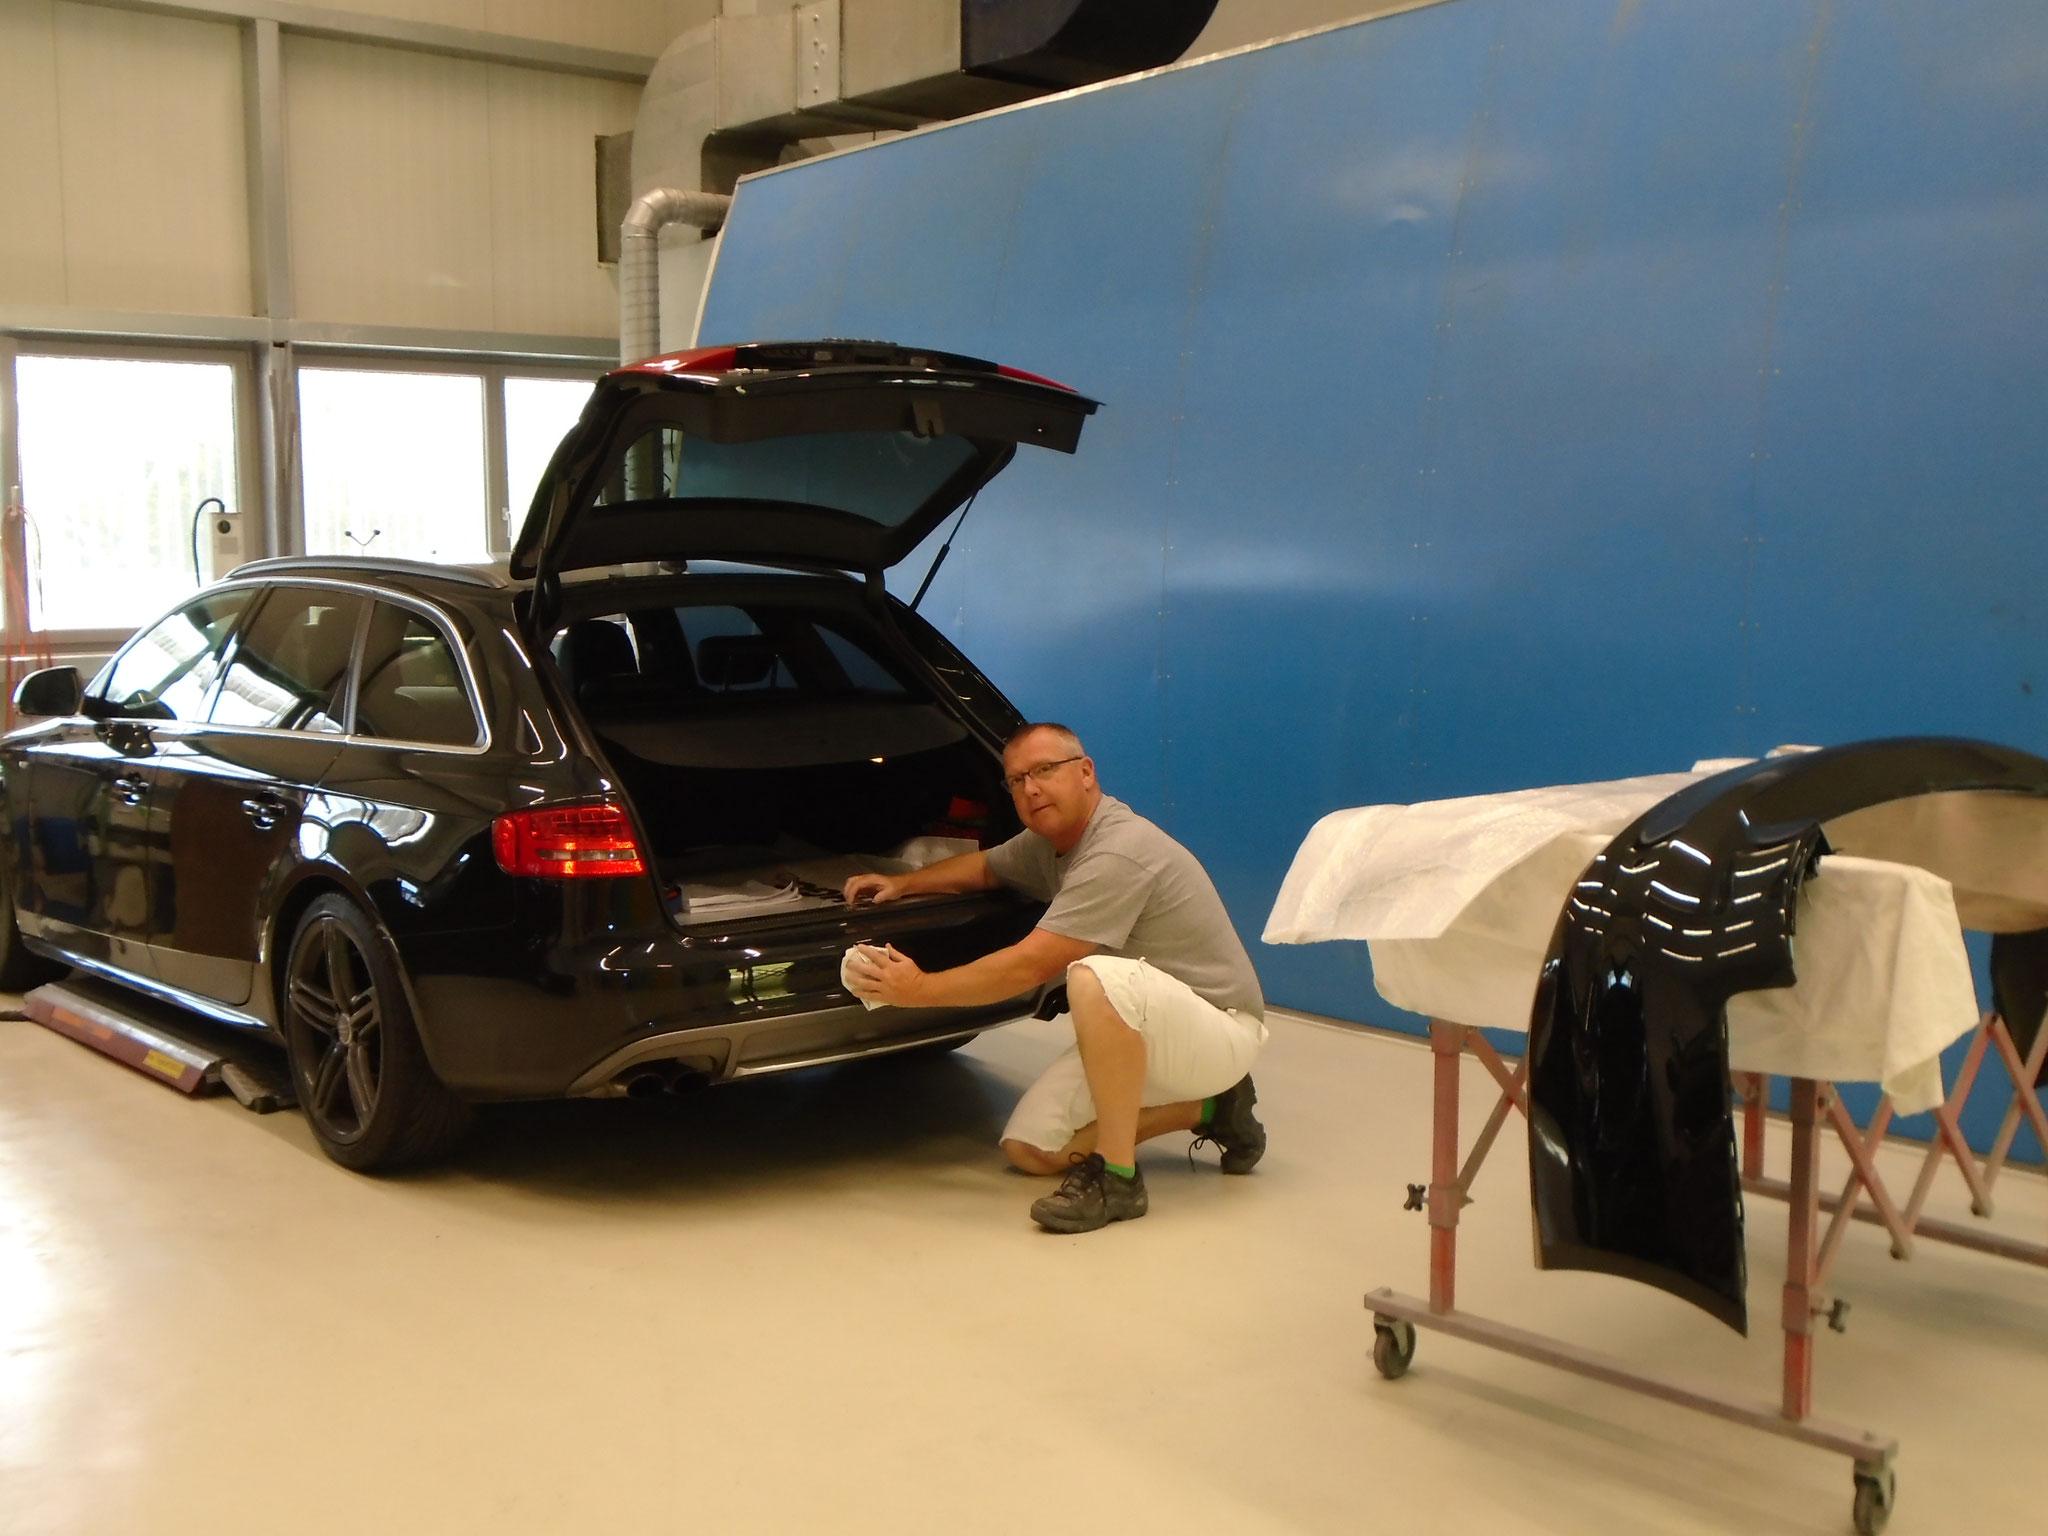 Thomas Hasler bringt die Fahrzeuge auf Hochglanz